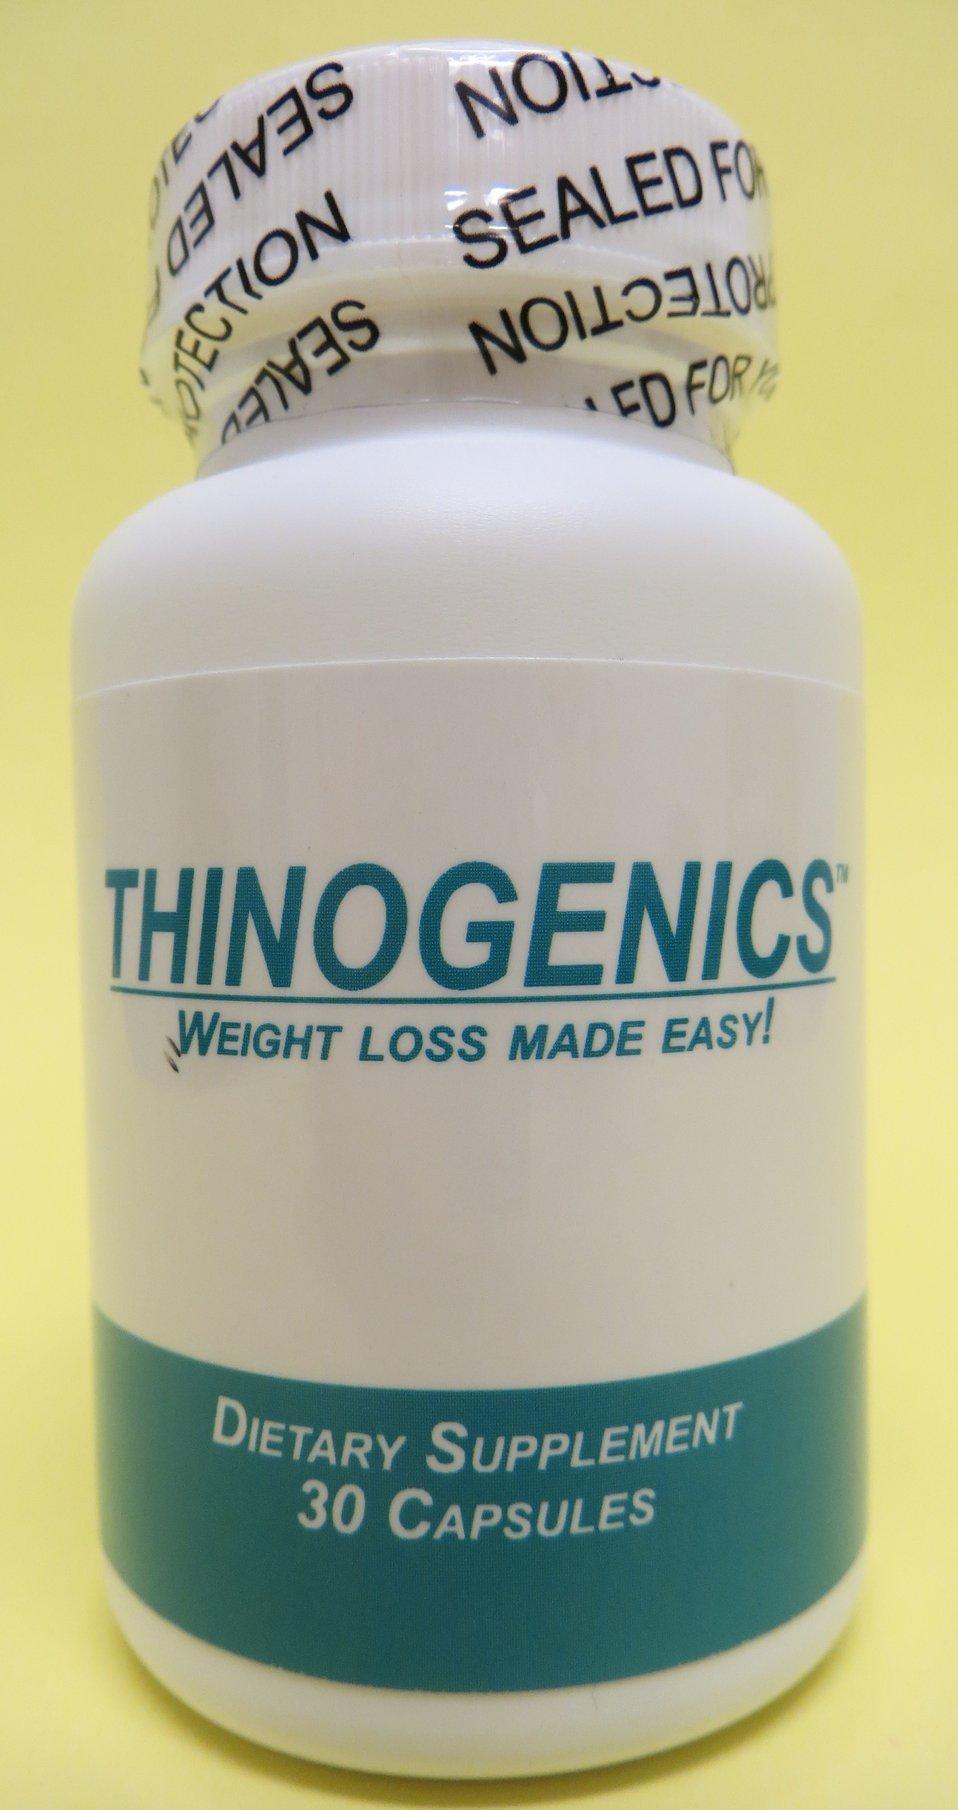 Thinogenics